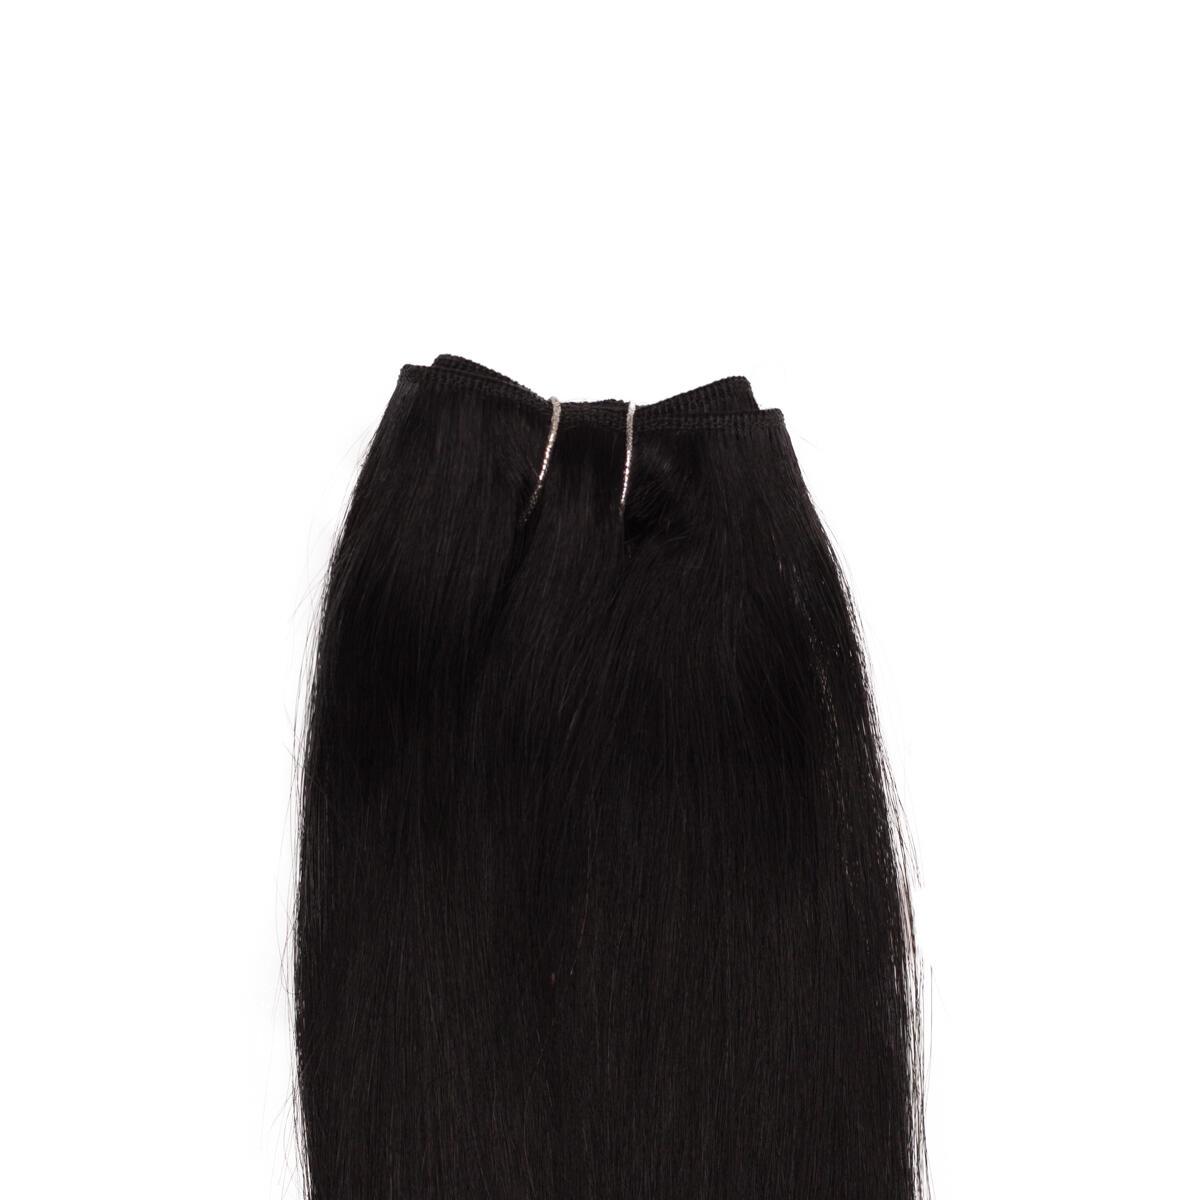 Hair Weft Premium 1.0 Black 50 cm